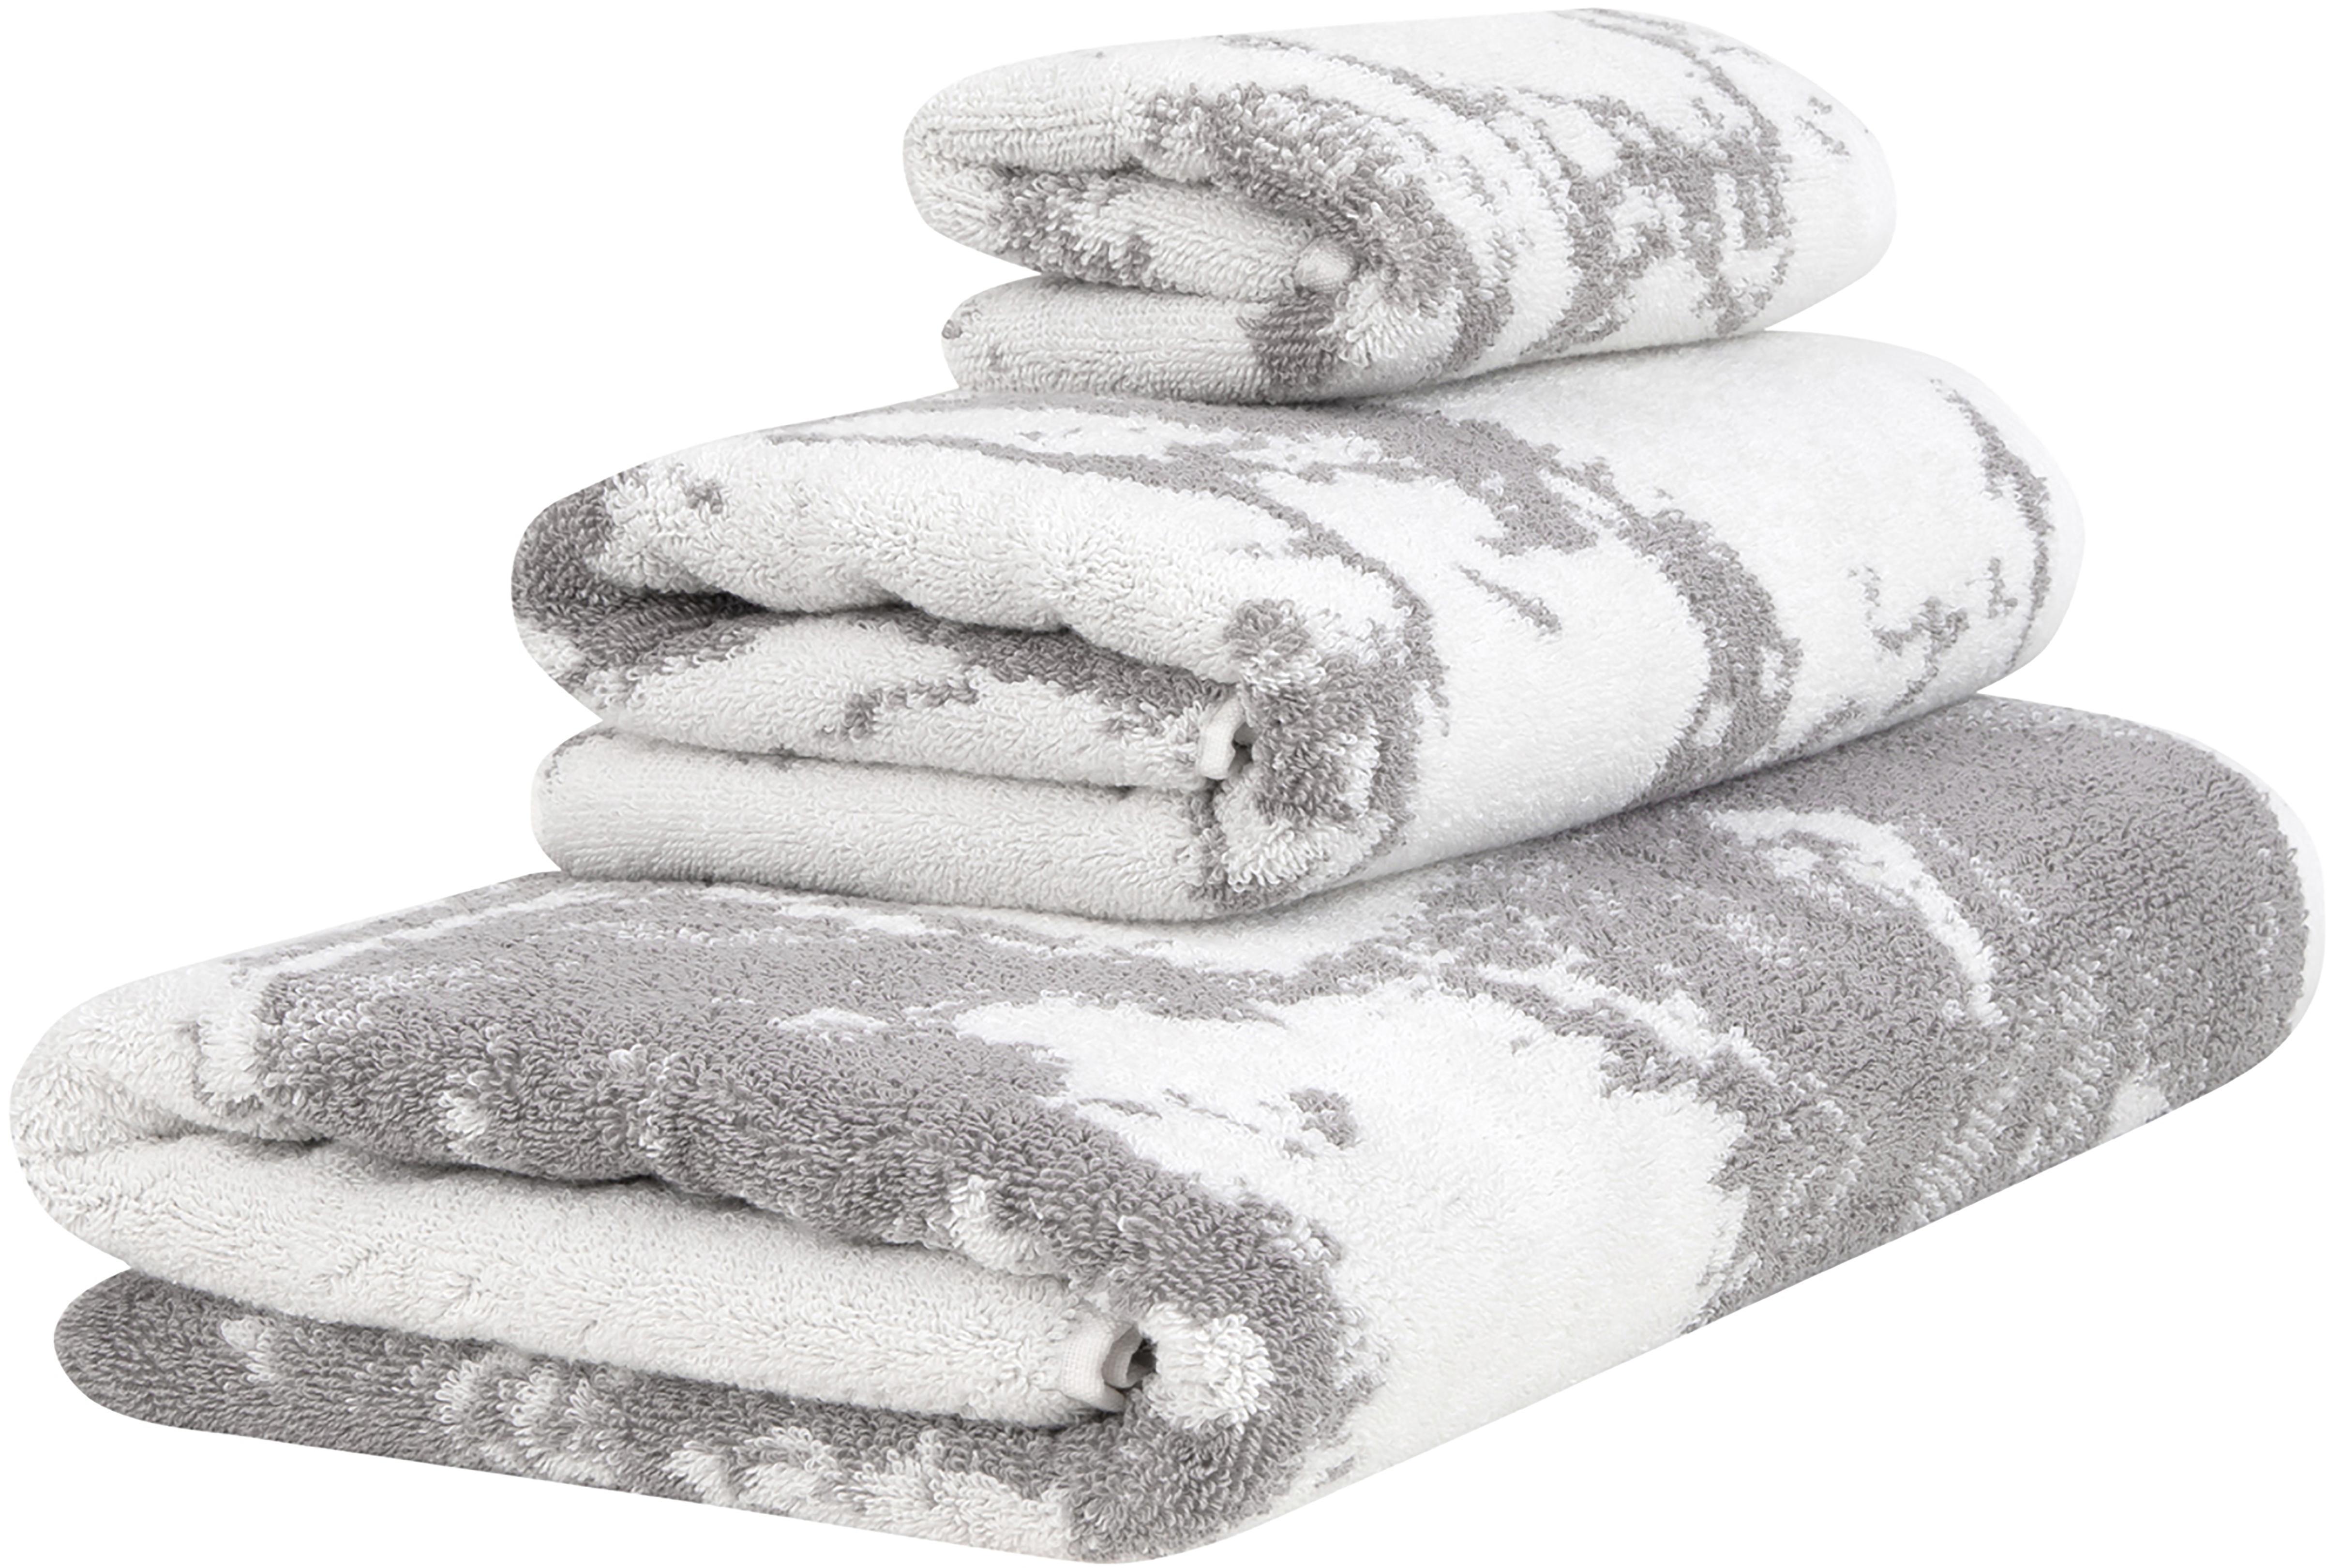 Set 3 asciugamani con motivo effetto marmo Marmo, Grigio, bianco crema, Set in varie misure